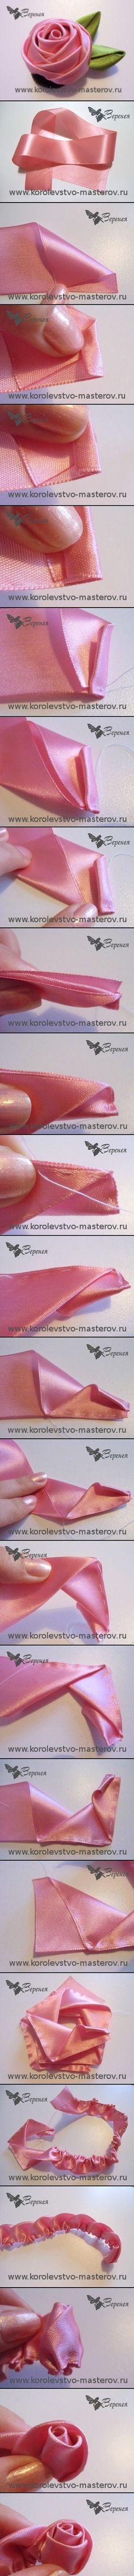 http://www.korolevstvo-masterov.ru/920-czvety_iz_tkani_lent/972-roza_iz_atlasnoj_lenty/